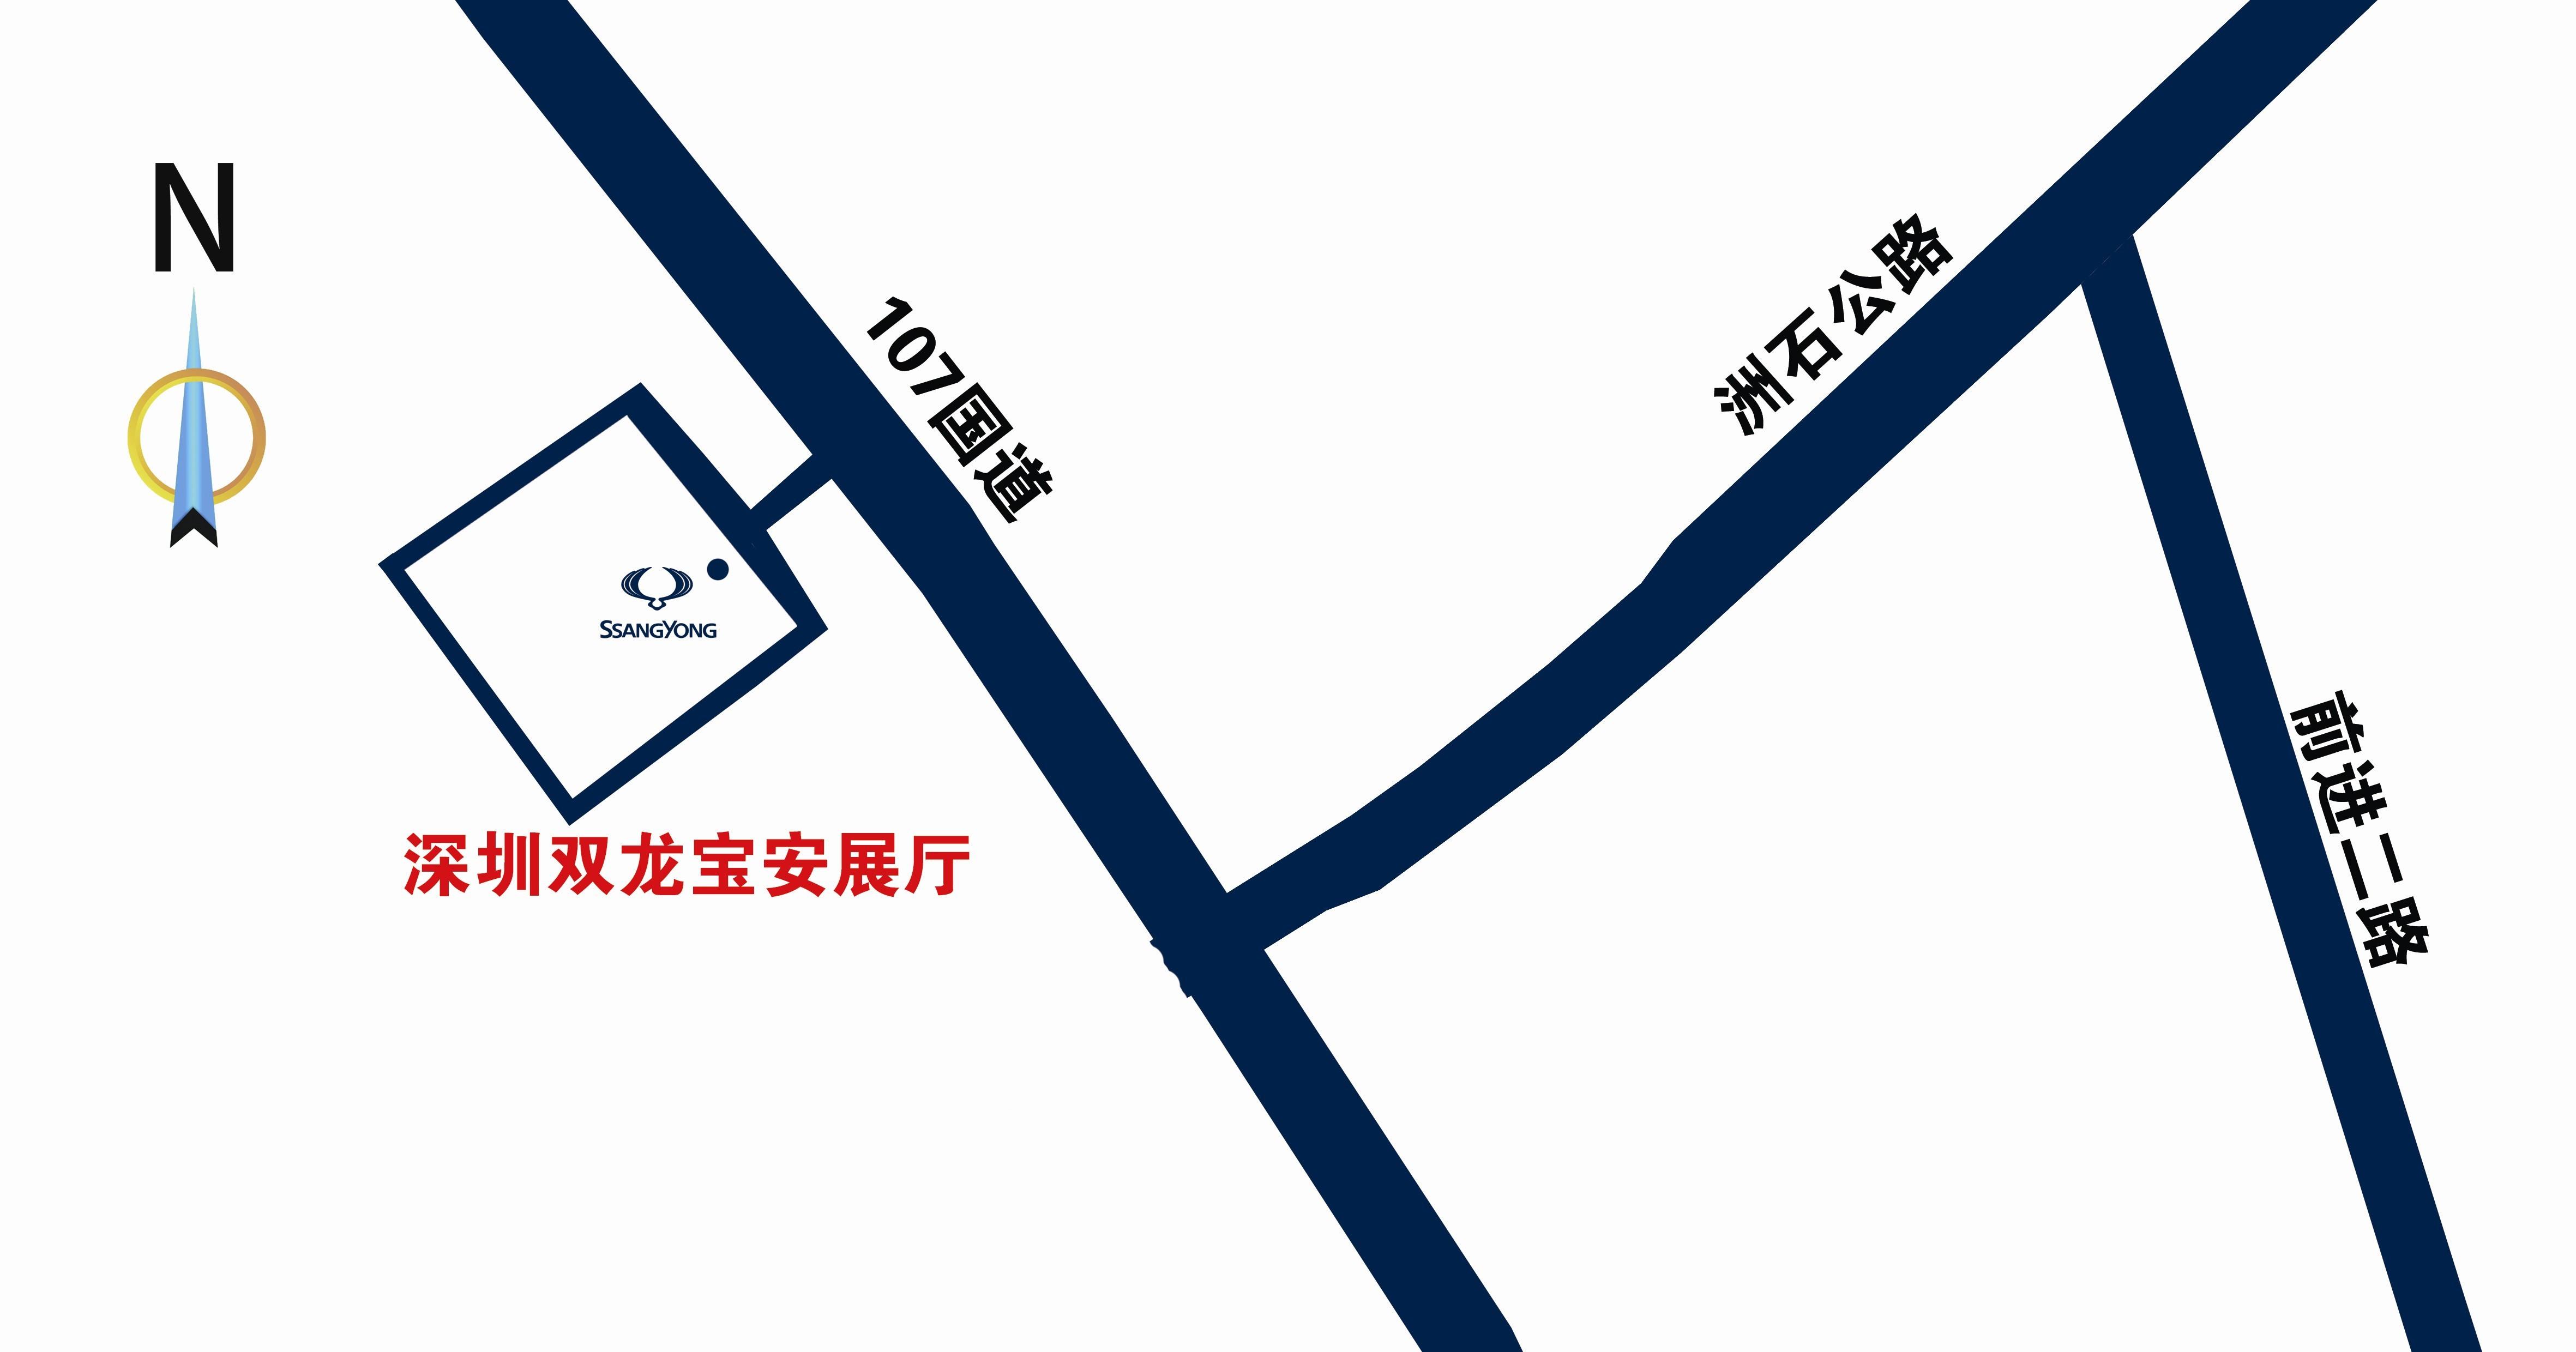 宝安展厅地址: 深圳市宝安区西乡镇107国道鹤洲路口世纪车